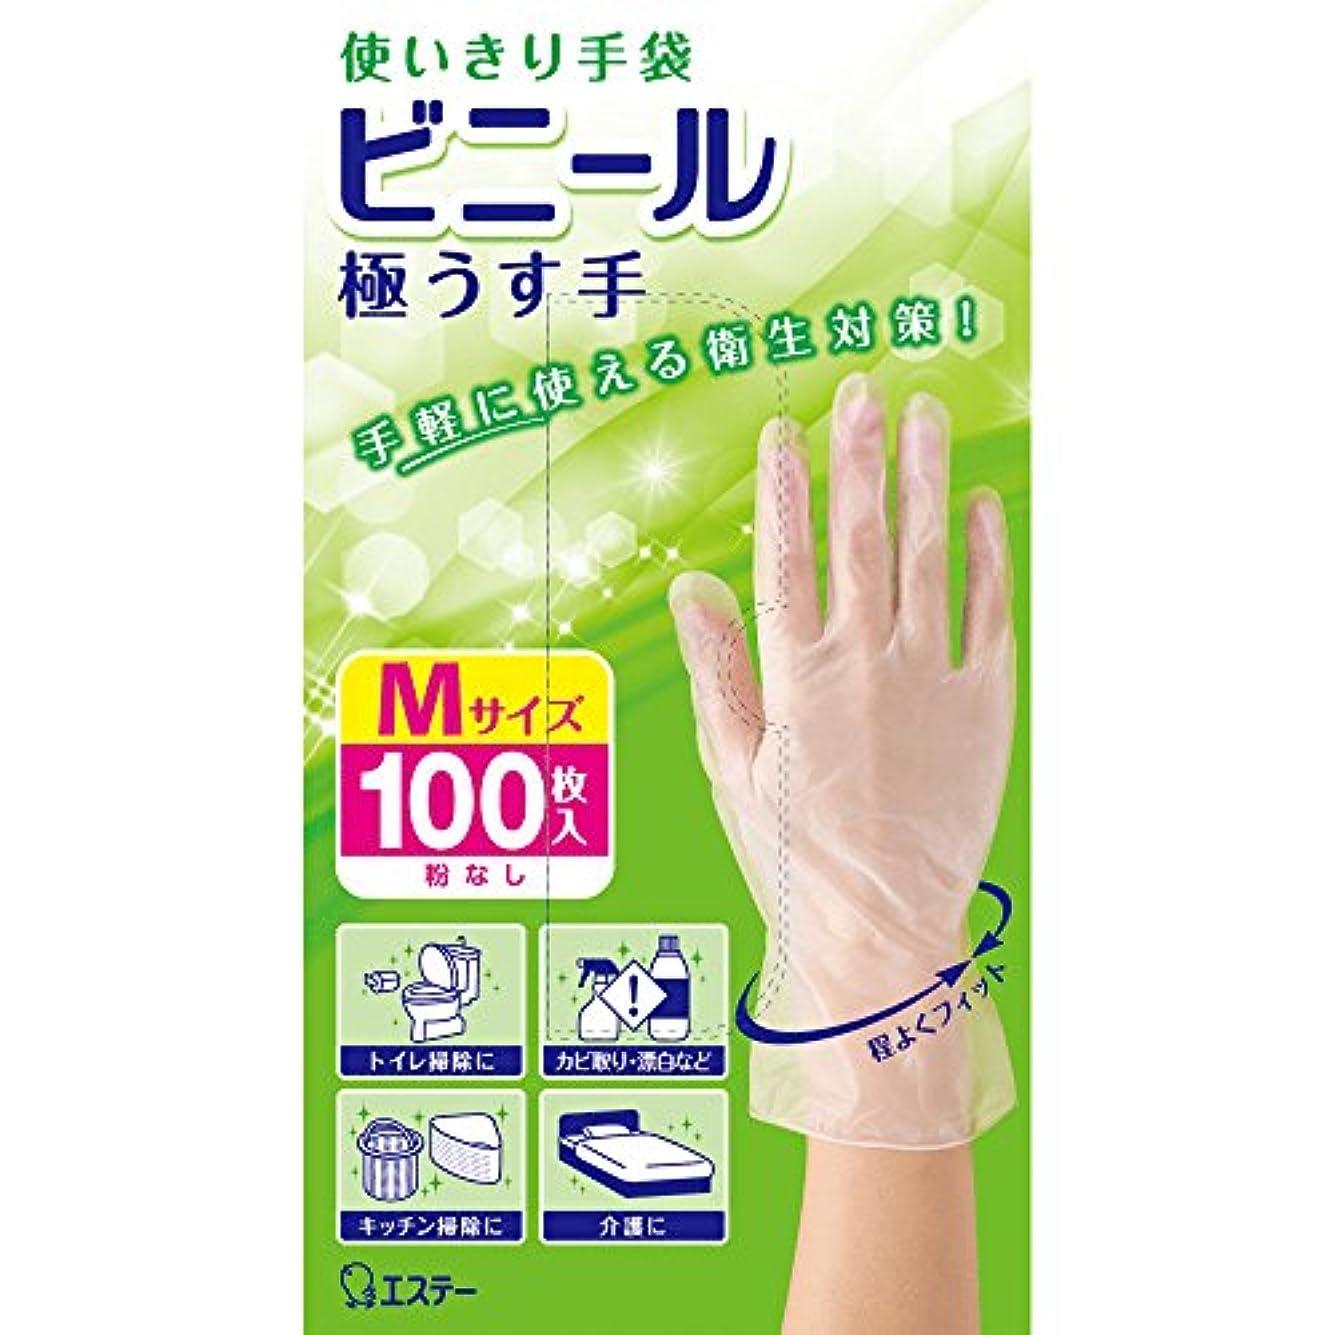 ぬるい再開売上高使いきり手袋 ビニール 極うす手 掃除用 使い捨て Mサイズ 半透明 100枚